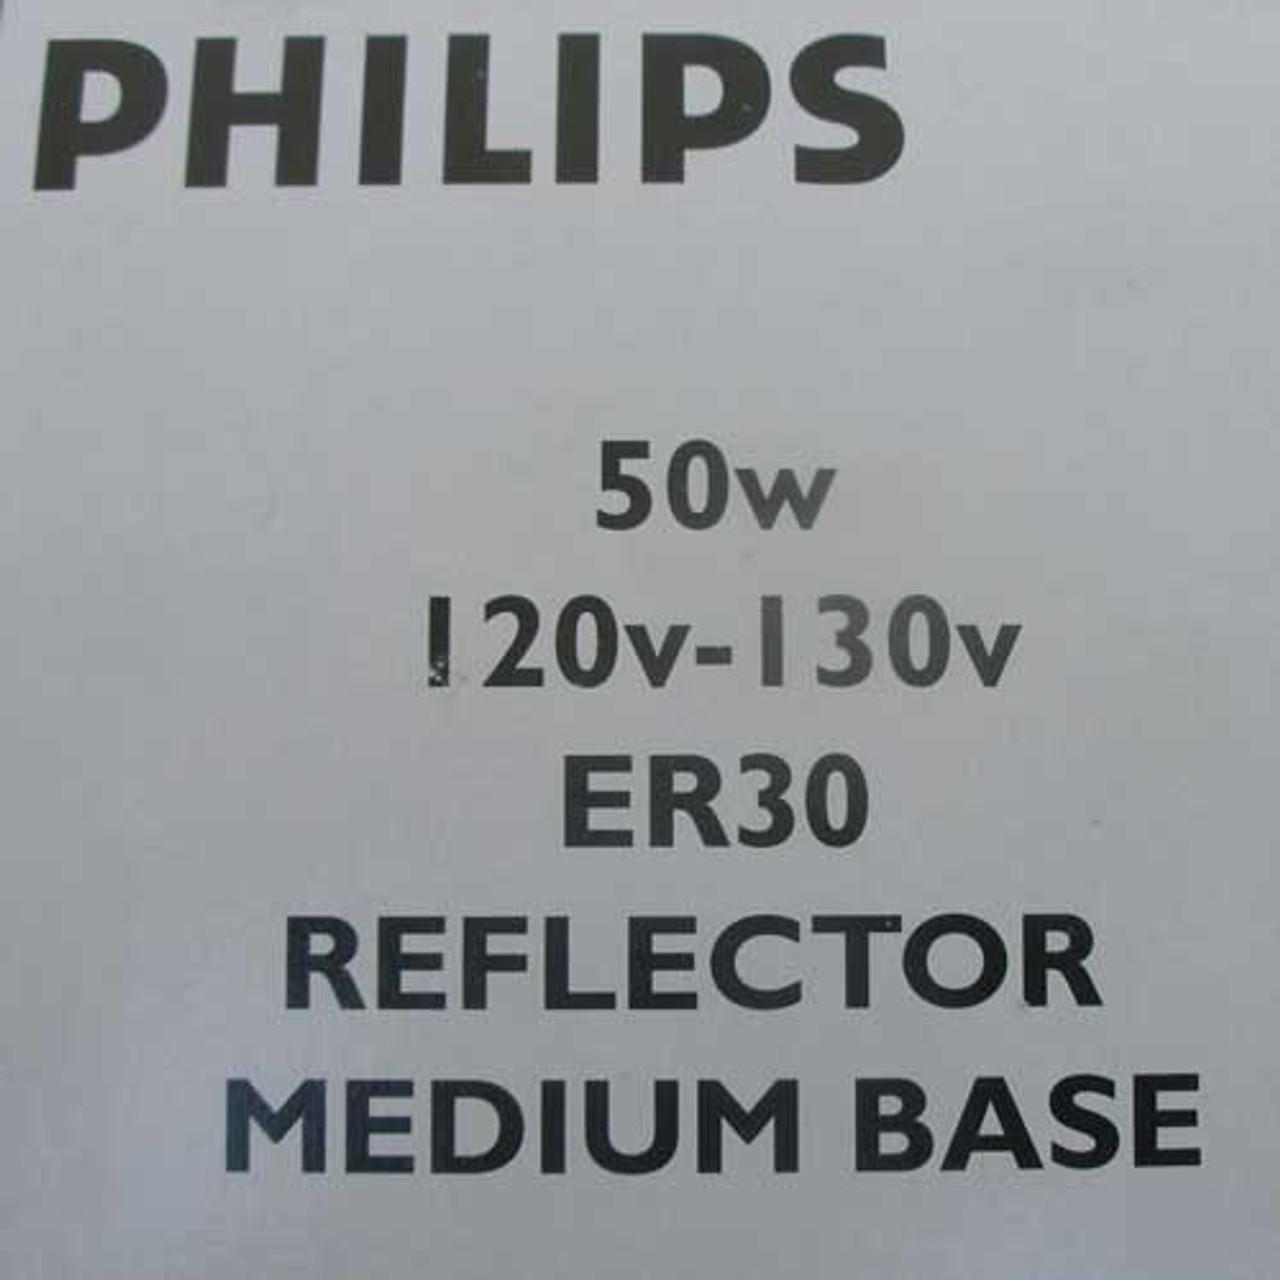 Philips ER30 50W 120V-130V Medium Base Reflector Flood Lamp (Lot of 3) - New